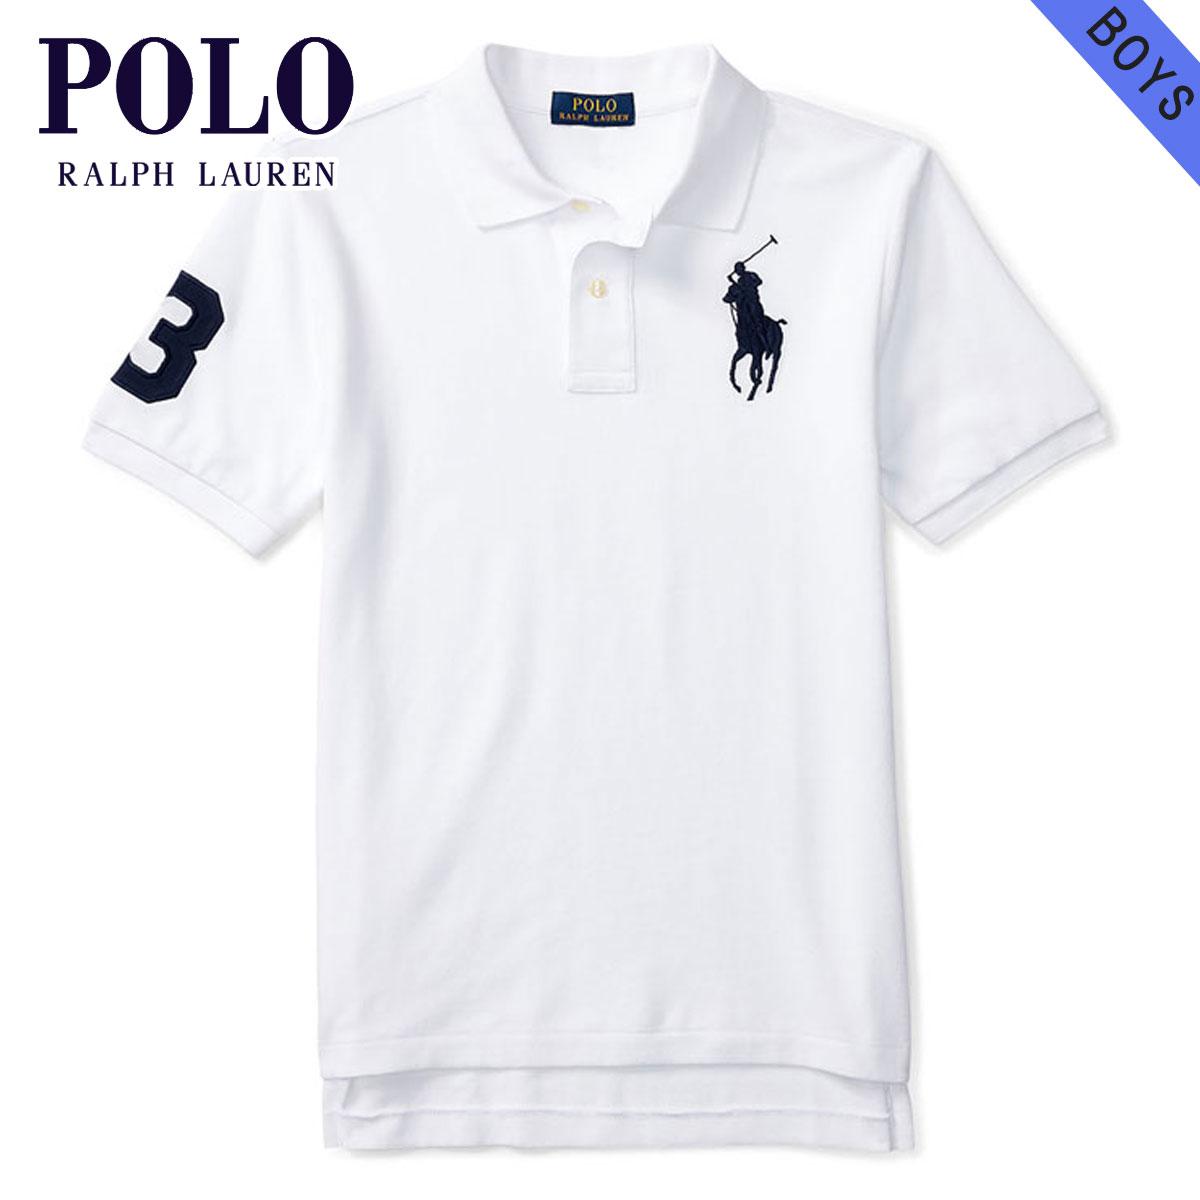 2d6bece7a77d Polo Ralph Lauren kids POLO RALPH LAUREN CHILDREN regular article children s  clothes Boys polo shirt CUSTOM FIT MESH POLO 112933796